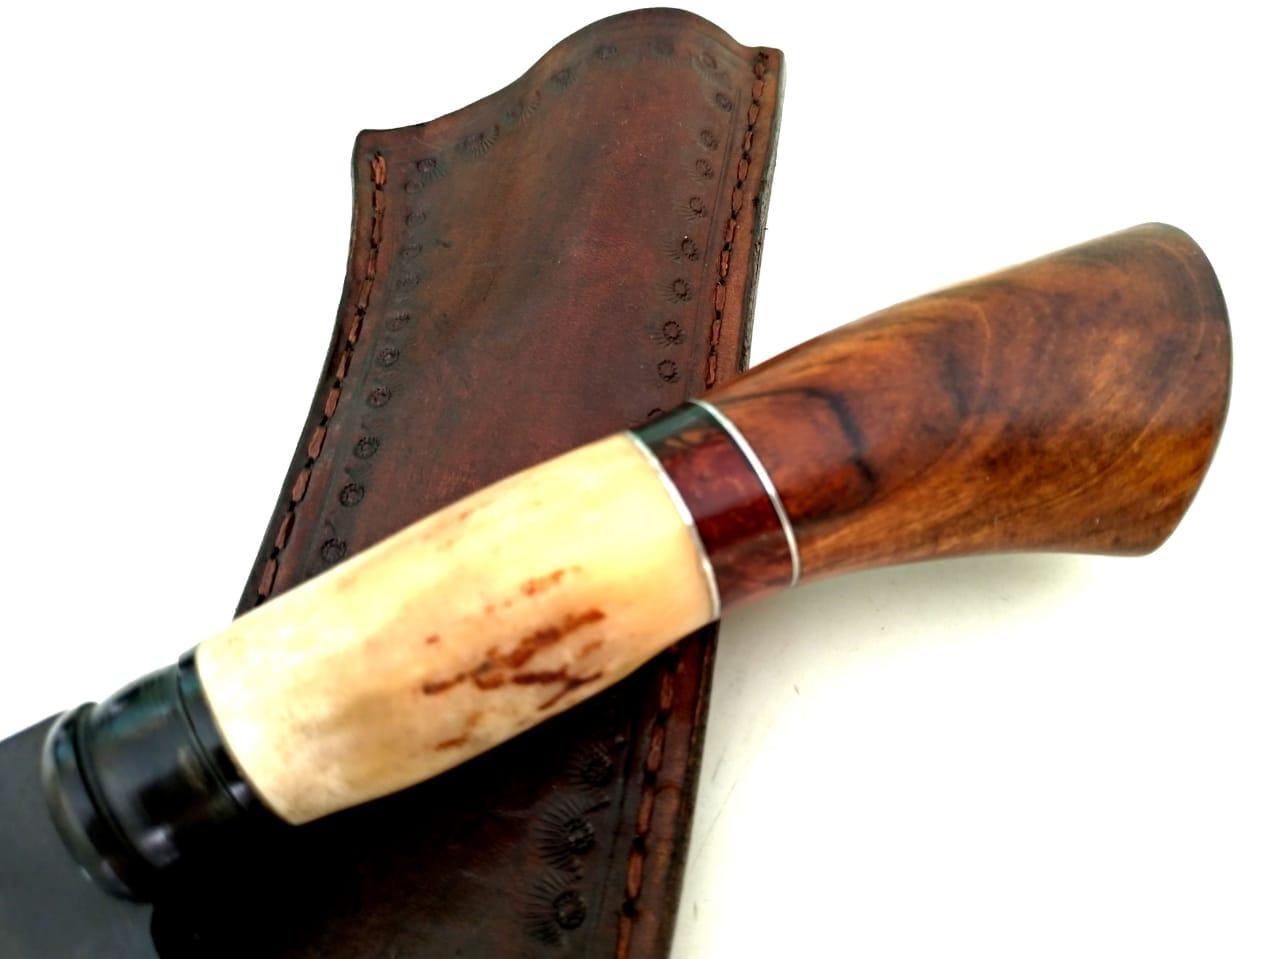 Faca artesanal forjada de grosa cabo jacarandá e cervo 12 polegadas